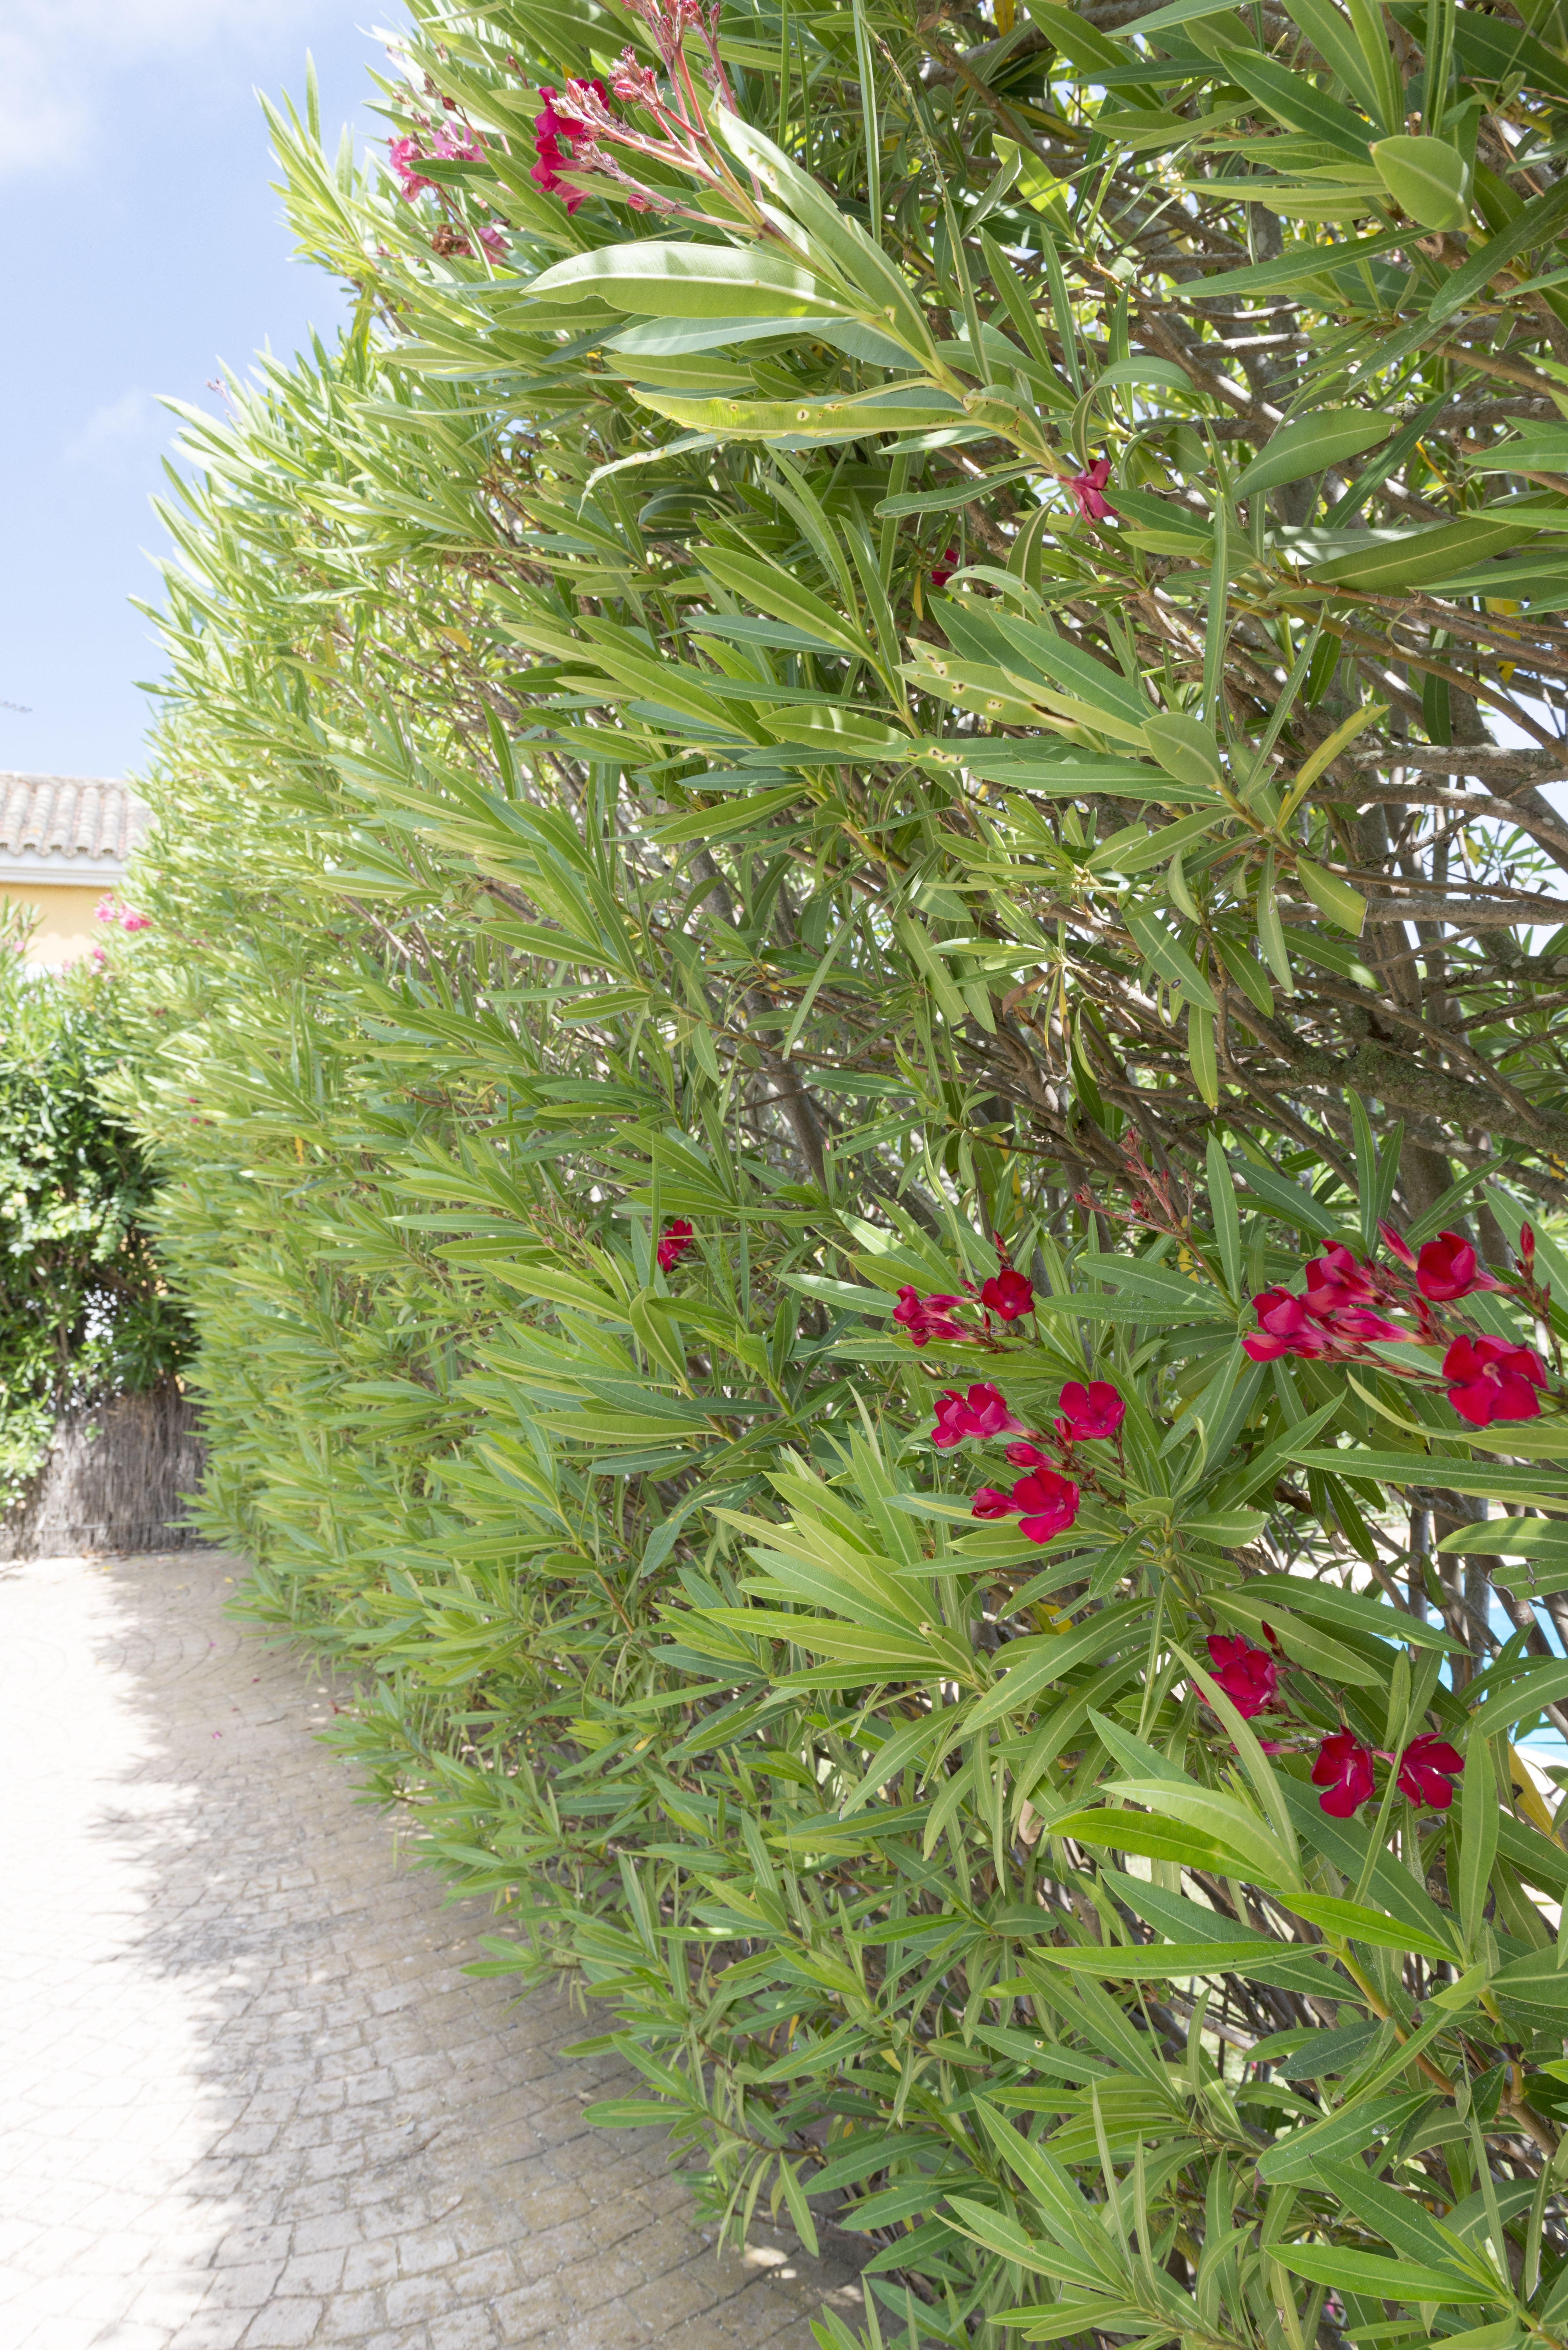 Mantenimiento de jardines y piscinasen Chiclana de la Frontera, Cádiz